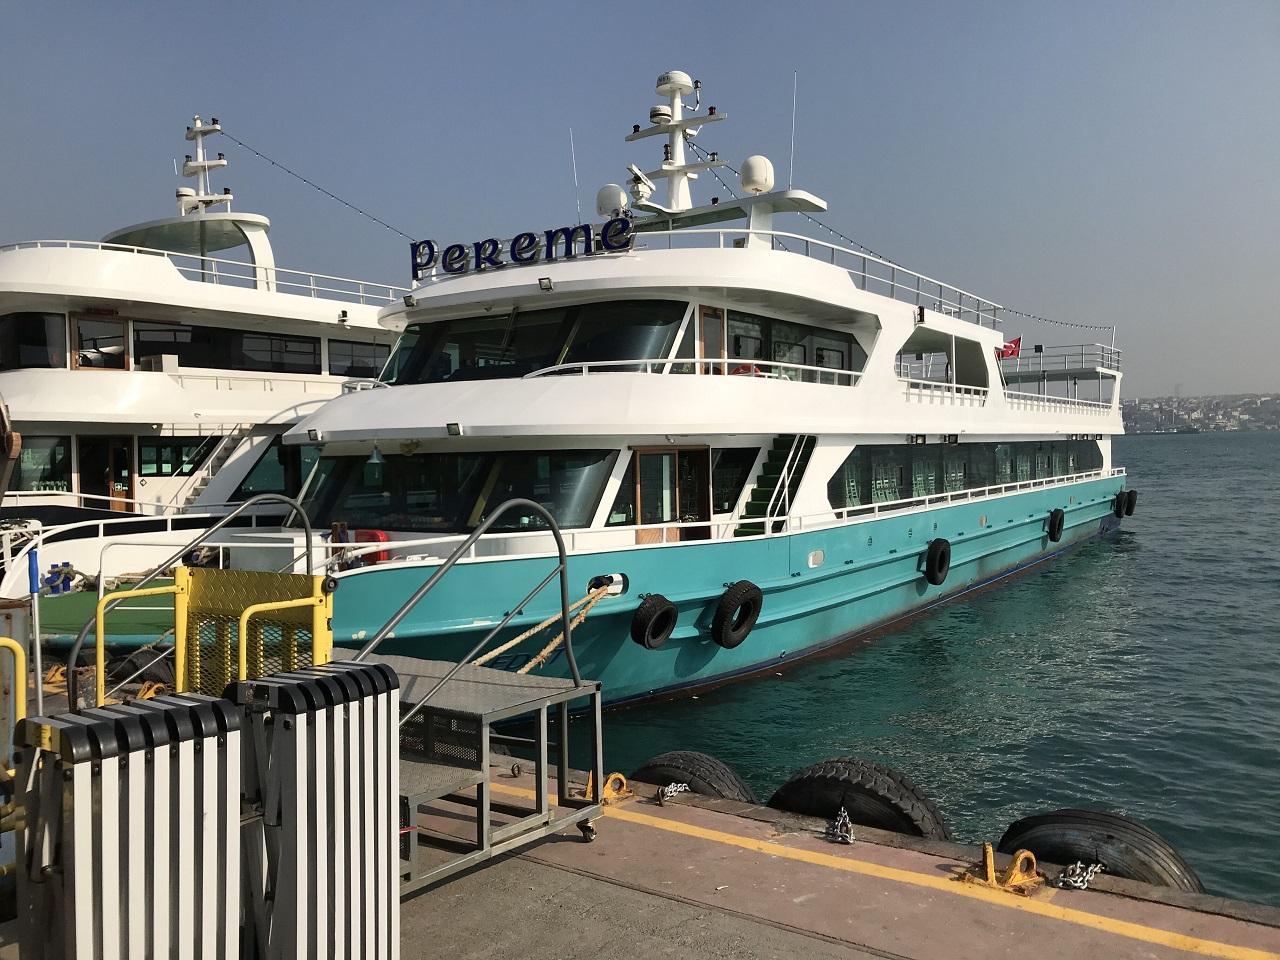 カバタシュ港のに停泊するルーズ船